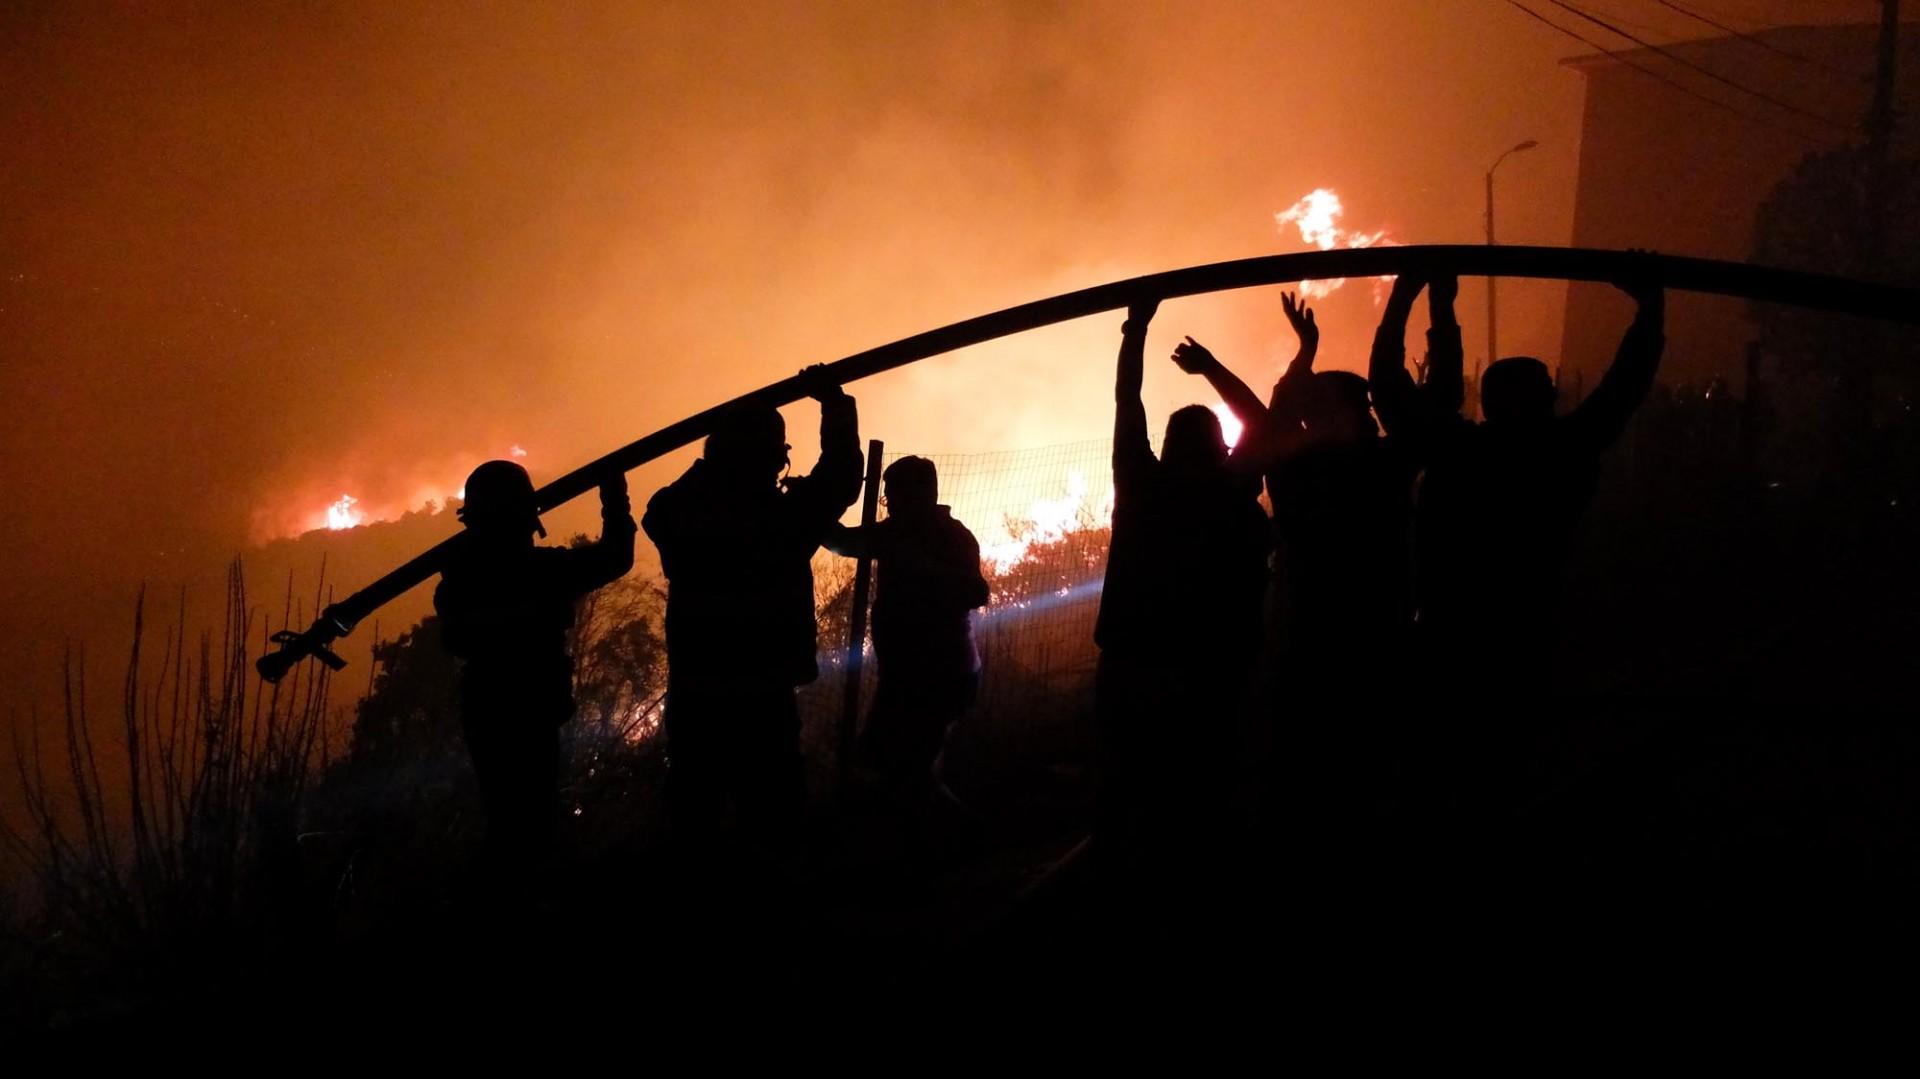 incendio hd 14marzo (17)